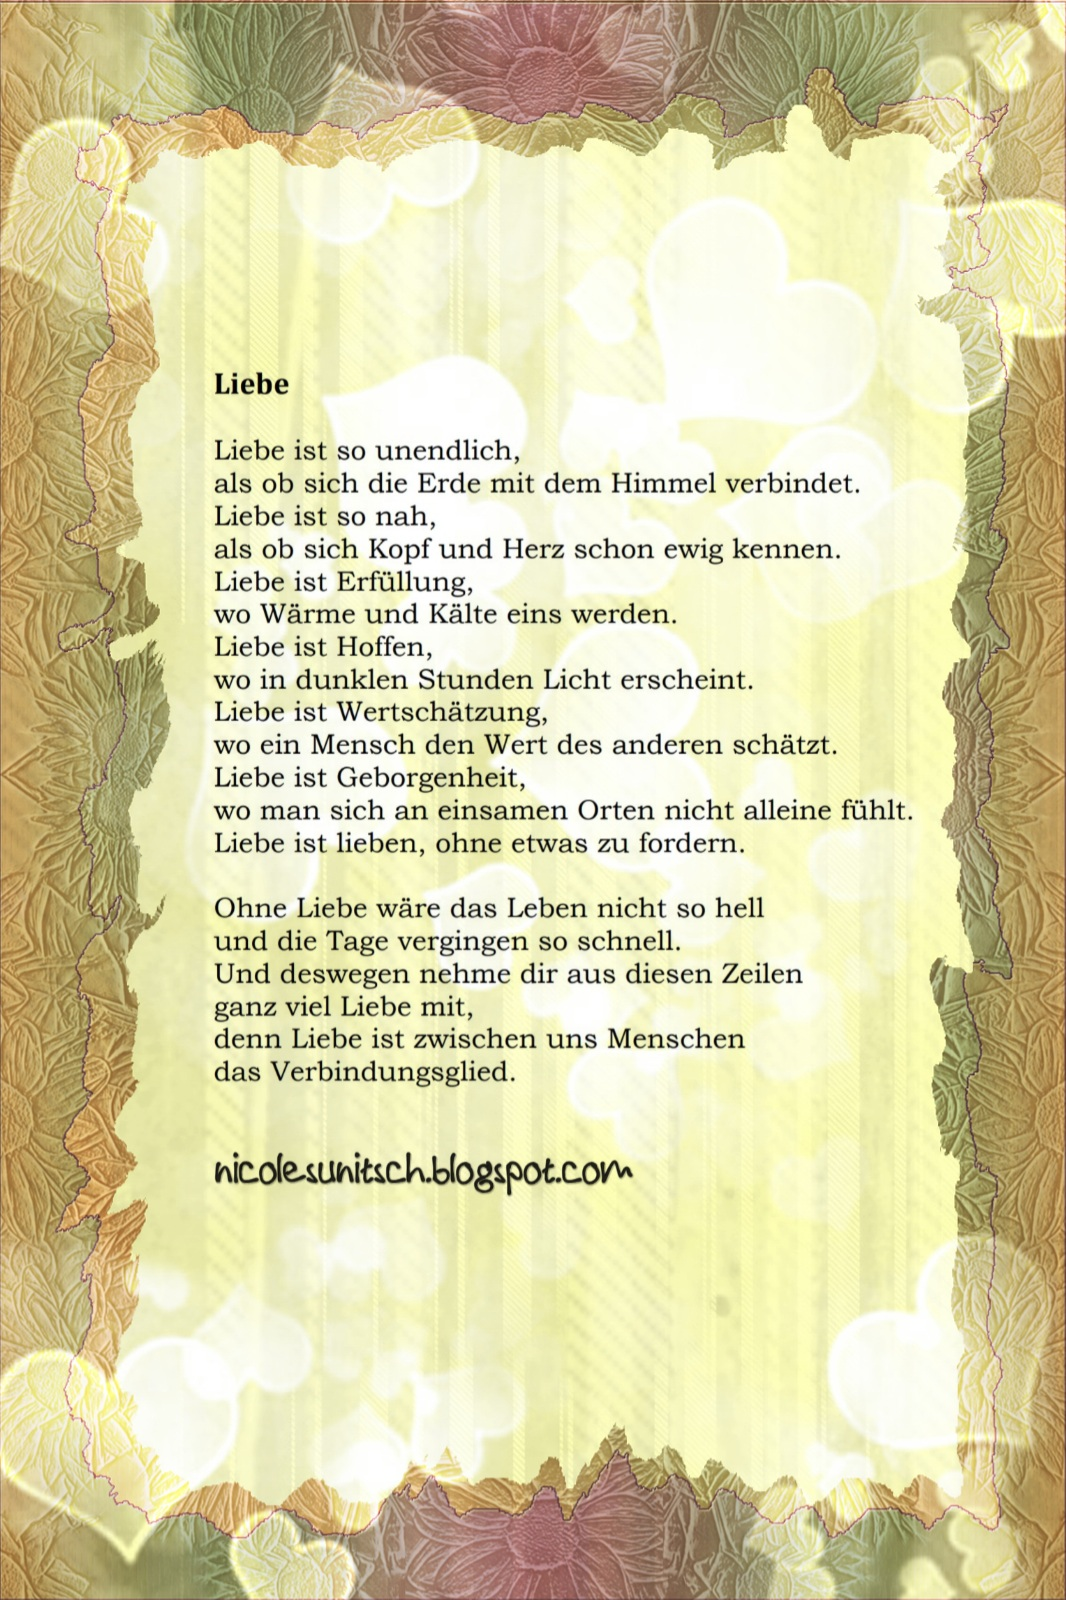 Gedichte Von Nicole Sunitsch Autorin Gedicht Liebe Aus Dem